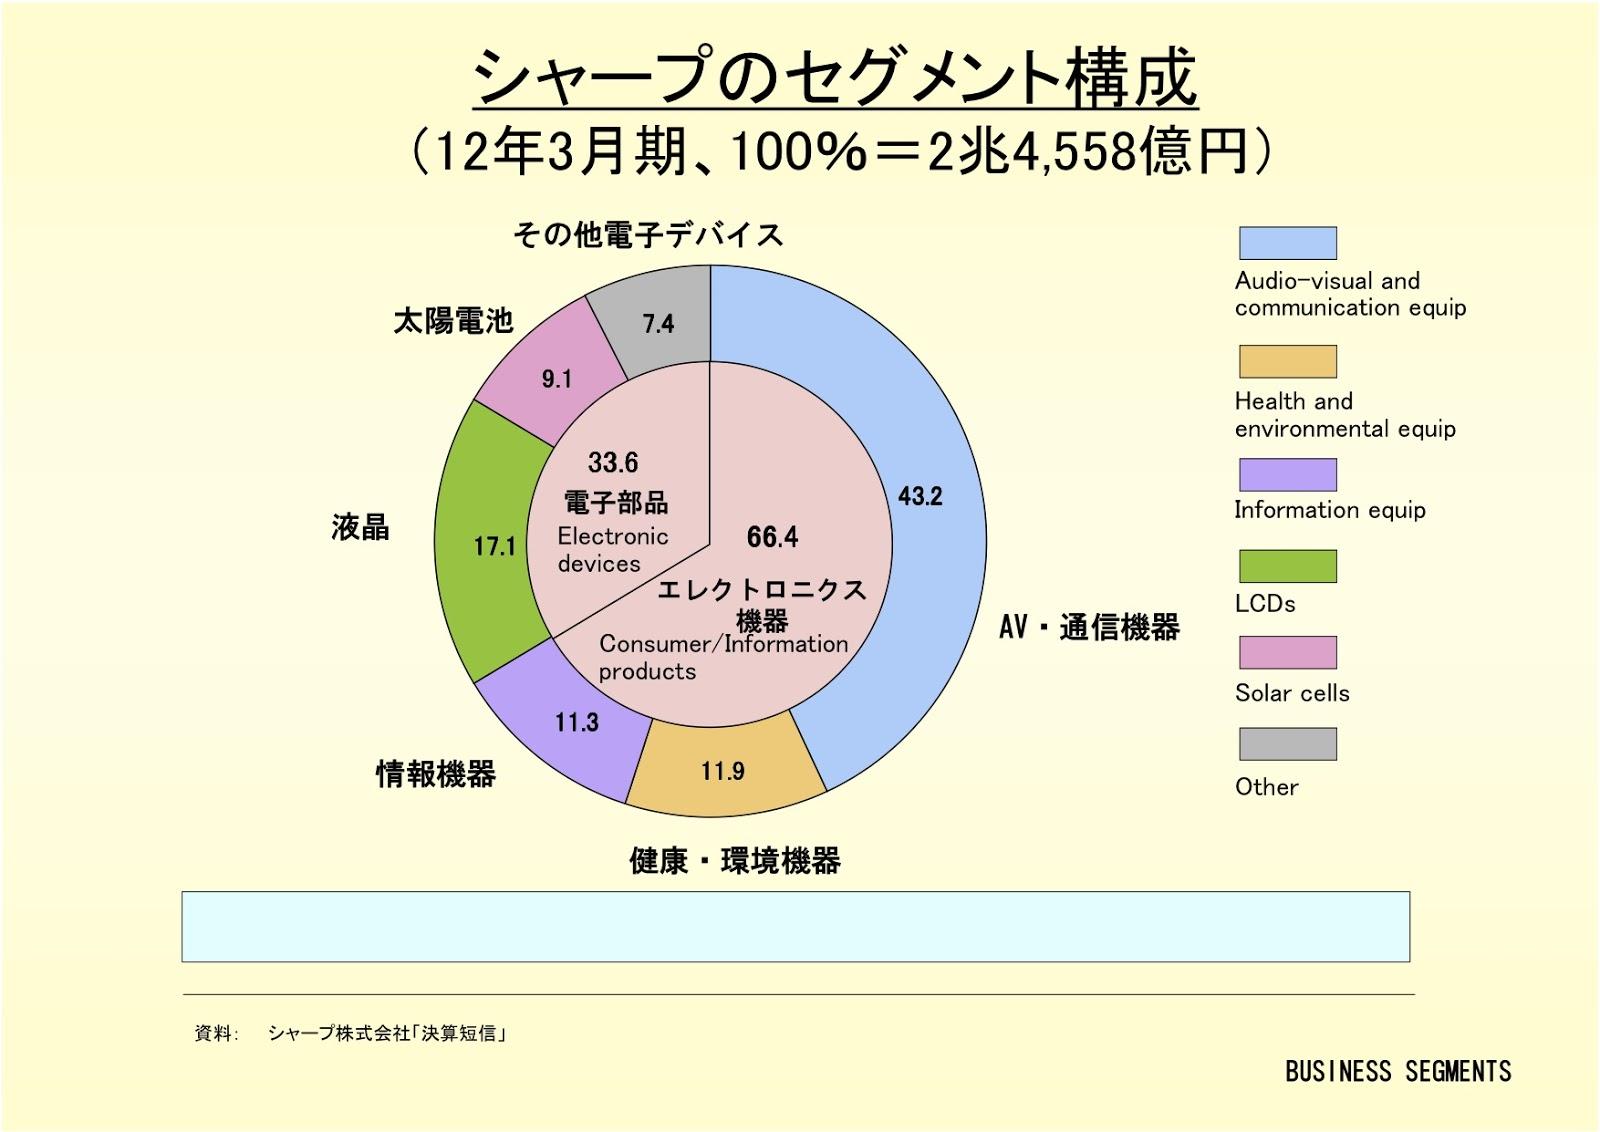 シャープ株式会社のセグメント構成